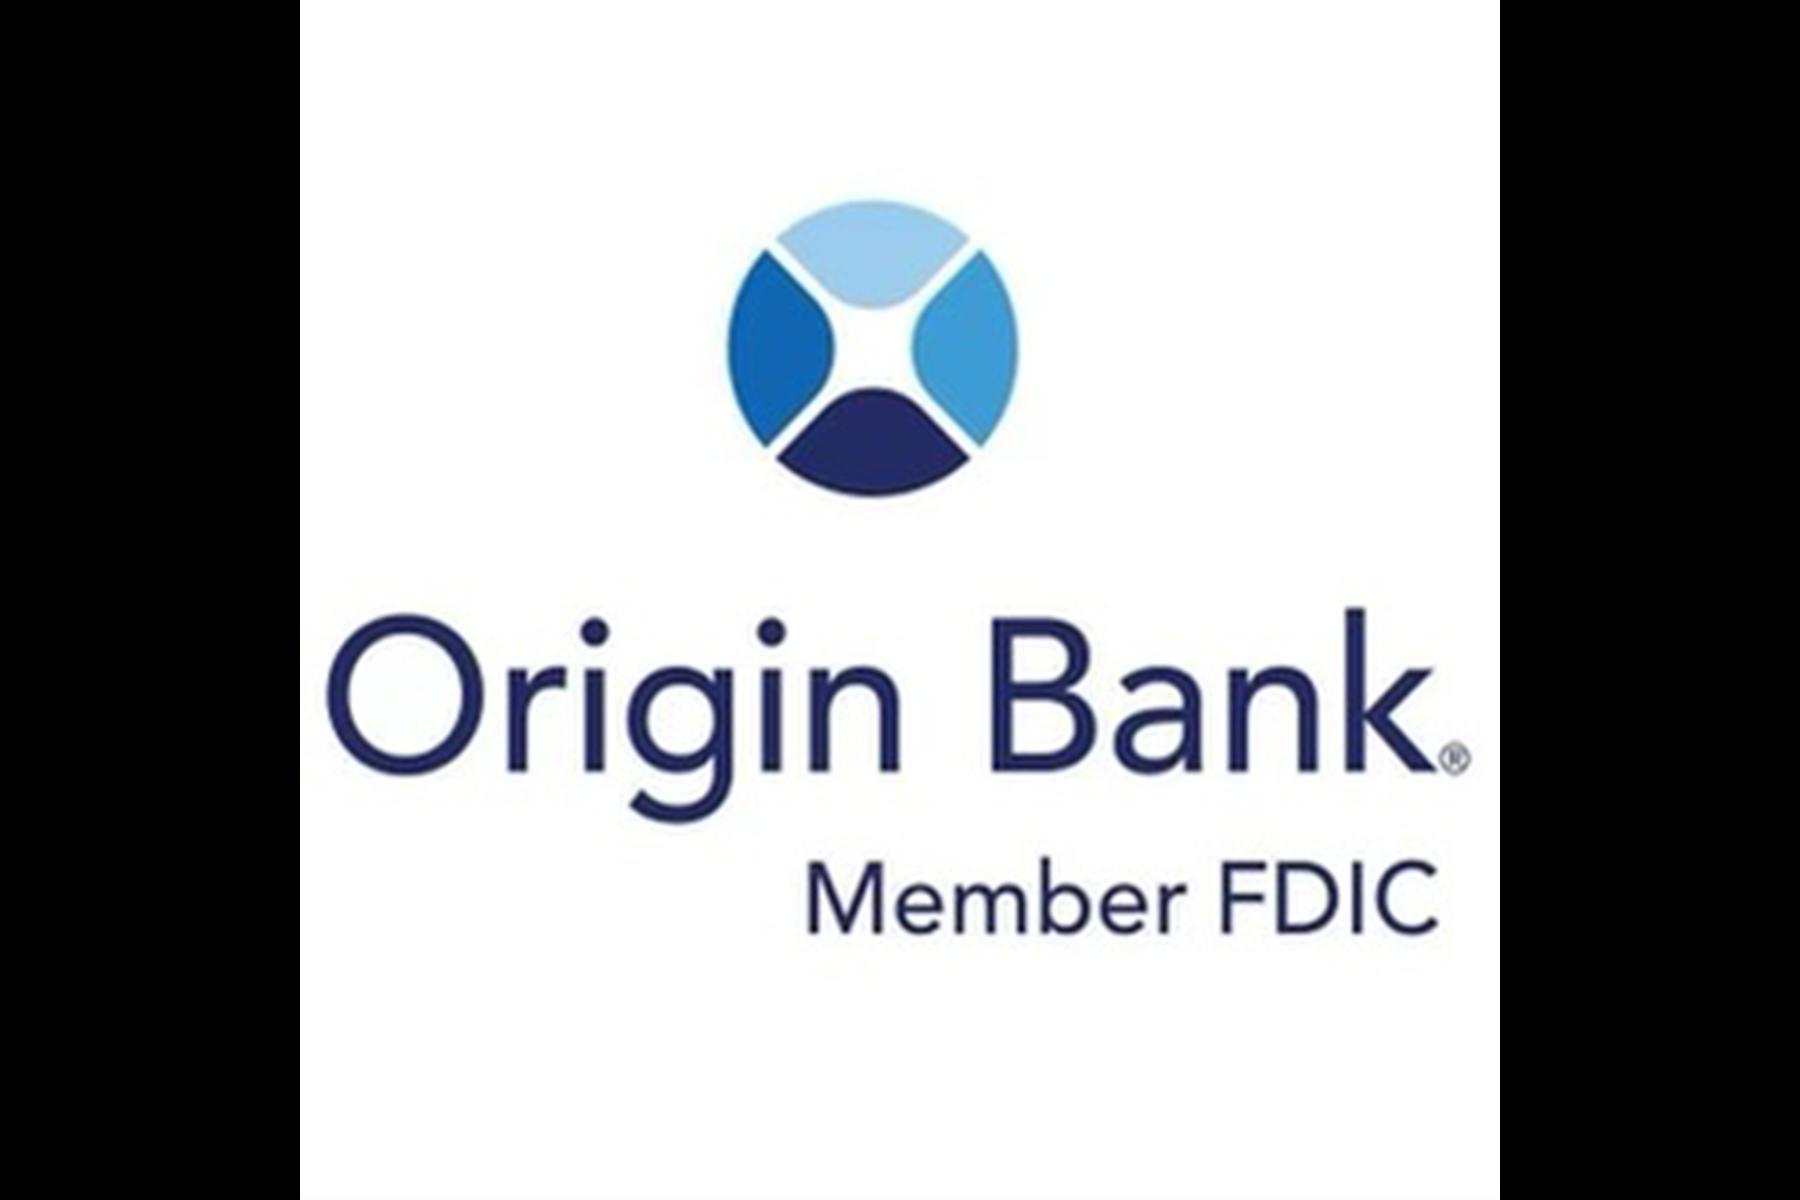 Orgin bank logo